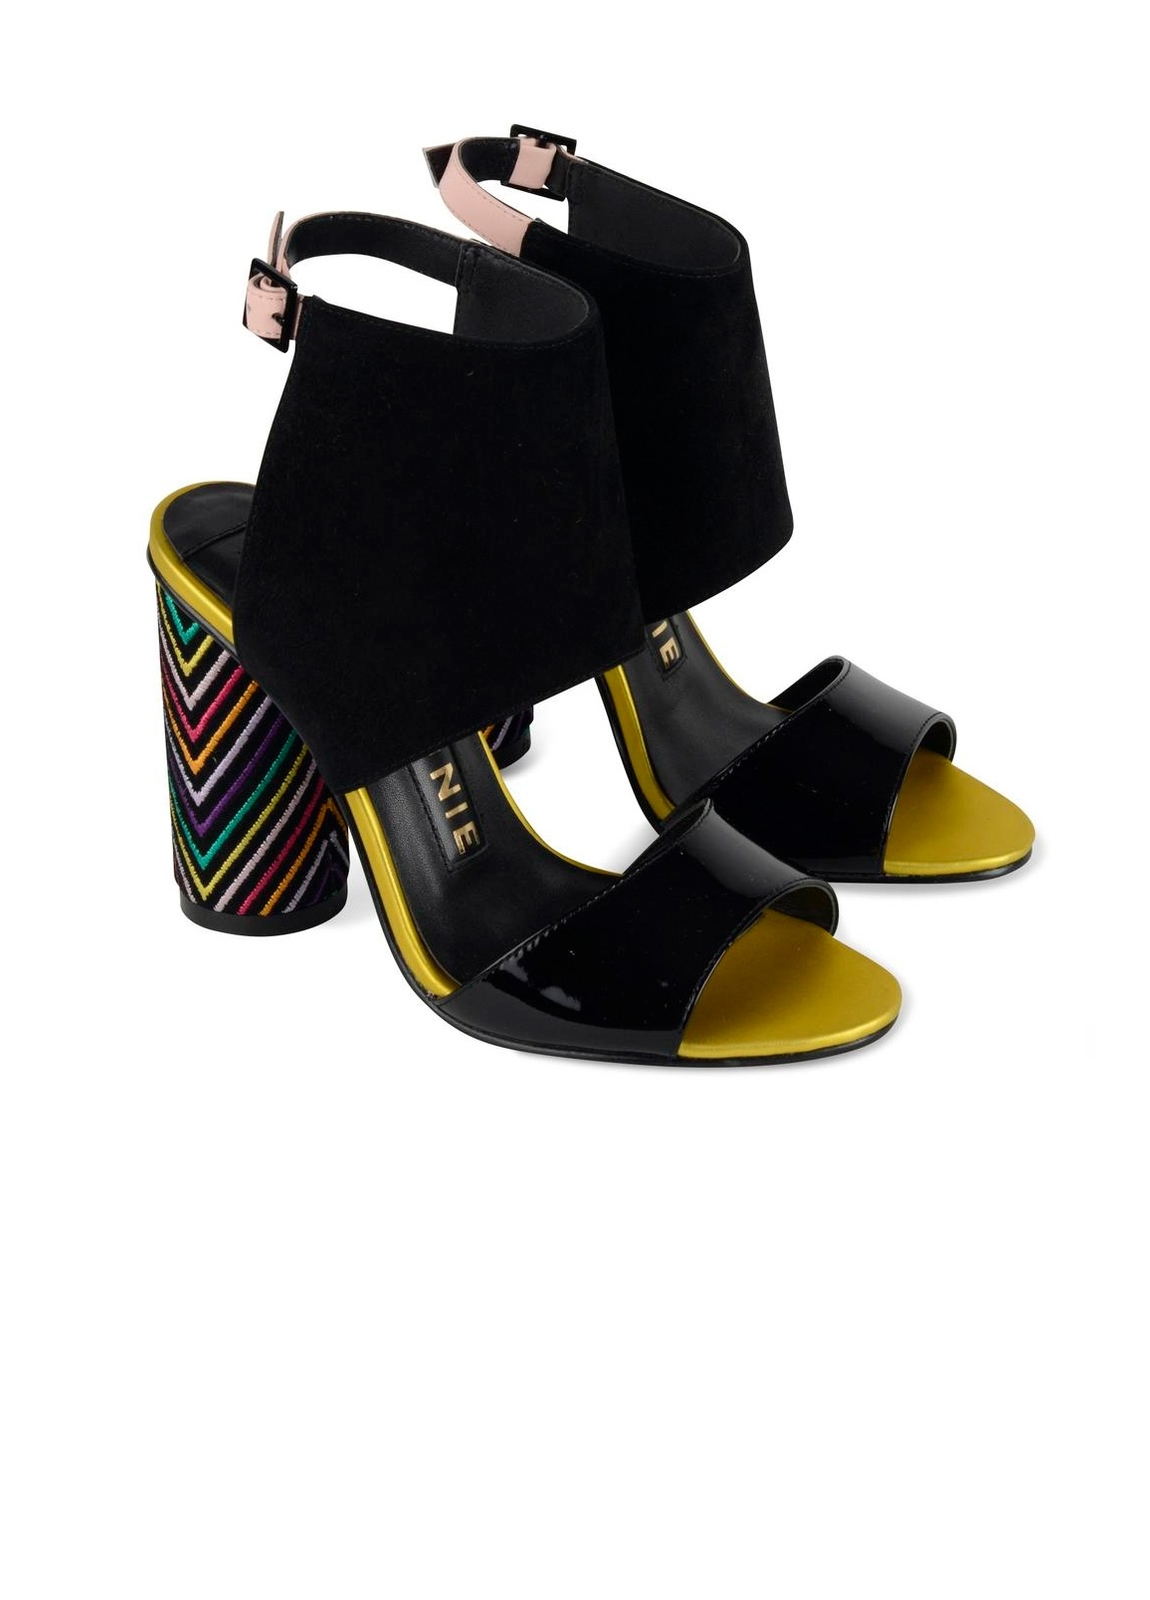 Sandalia semicerrada modelo ROSSANA con tacón alto cilíndrico y pulsera al tobillo color negro, ante y charol. - Ítem1